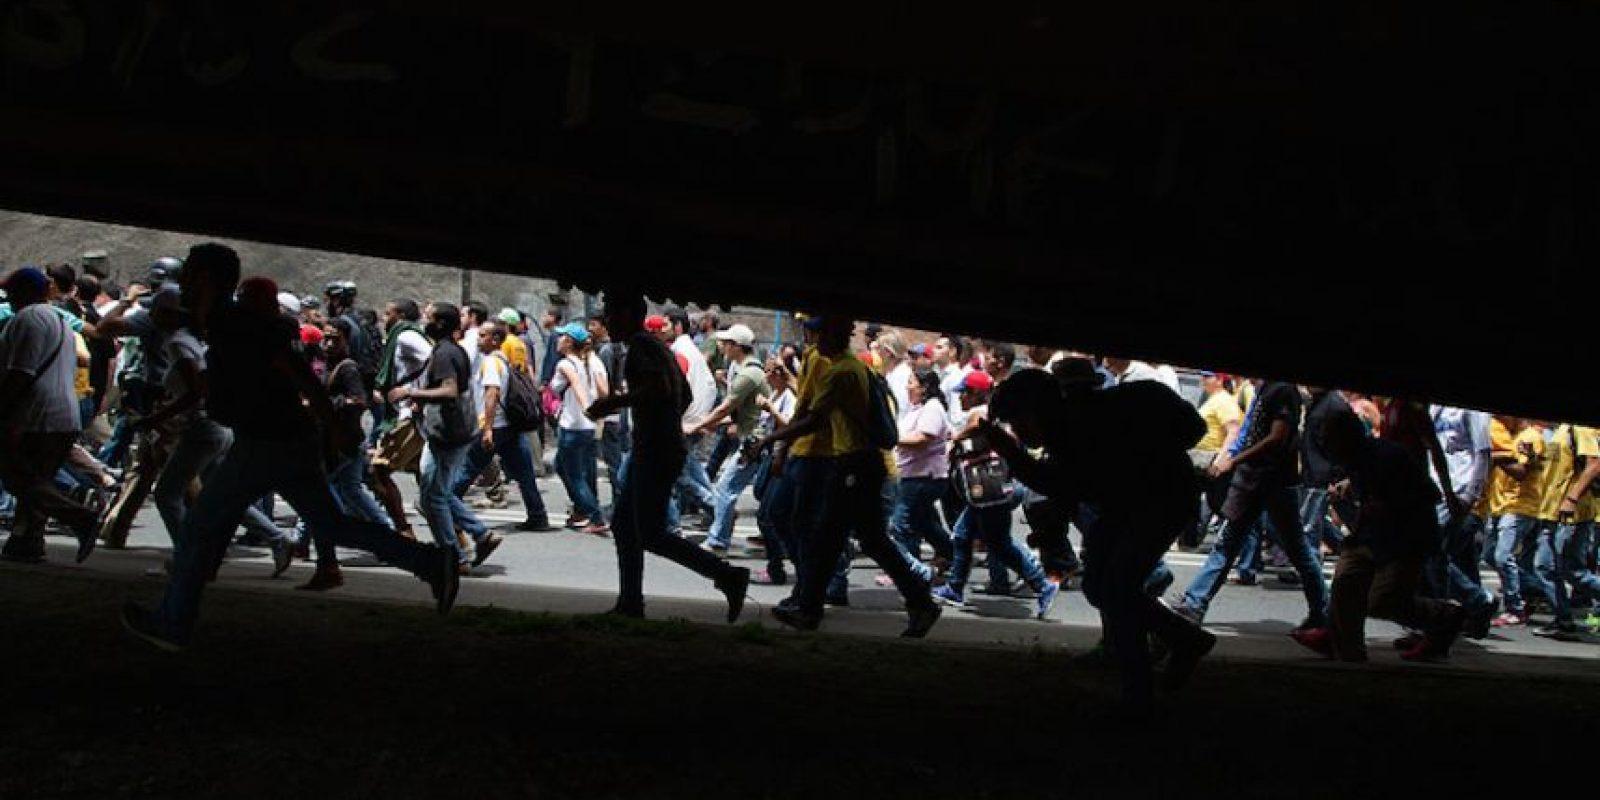 La marcha opositora convocada prevé movilizar este jueves al antichavismo en todo el país para presionar a las autoridades electorales Foto:Getty Images/ Archivo